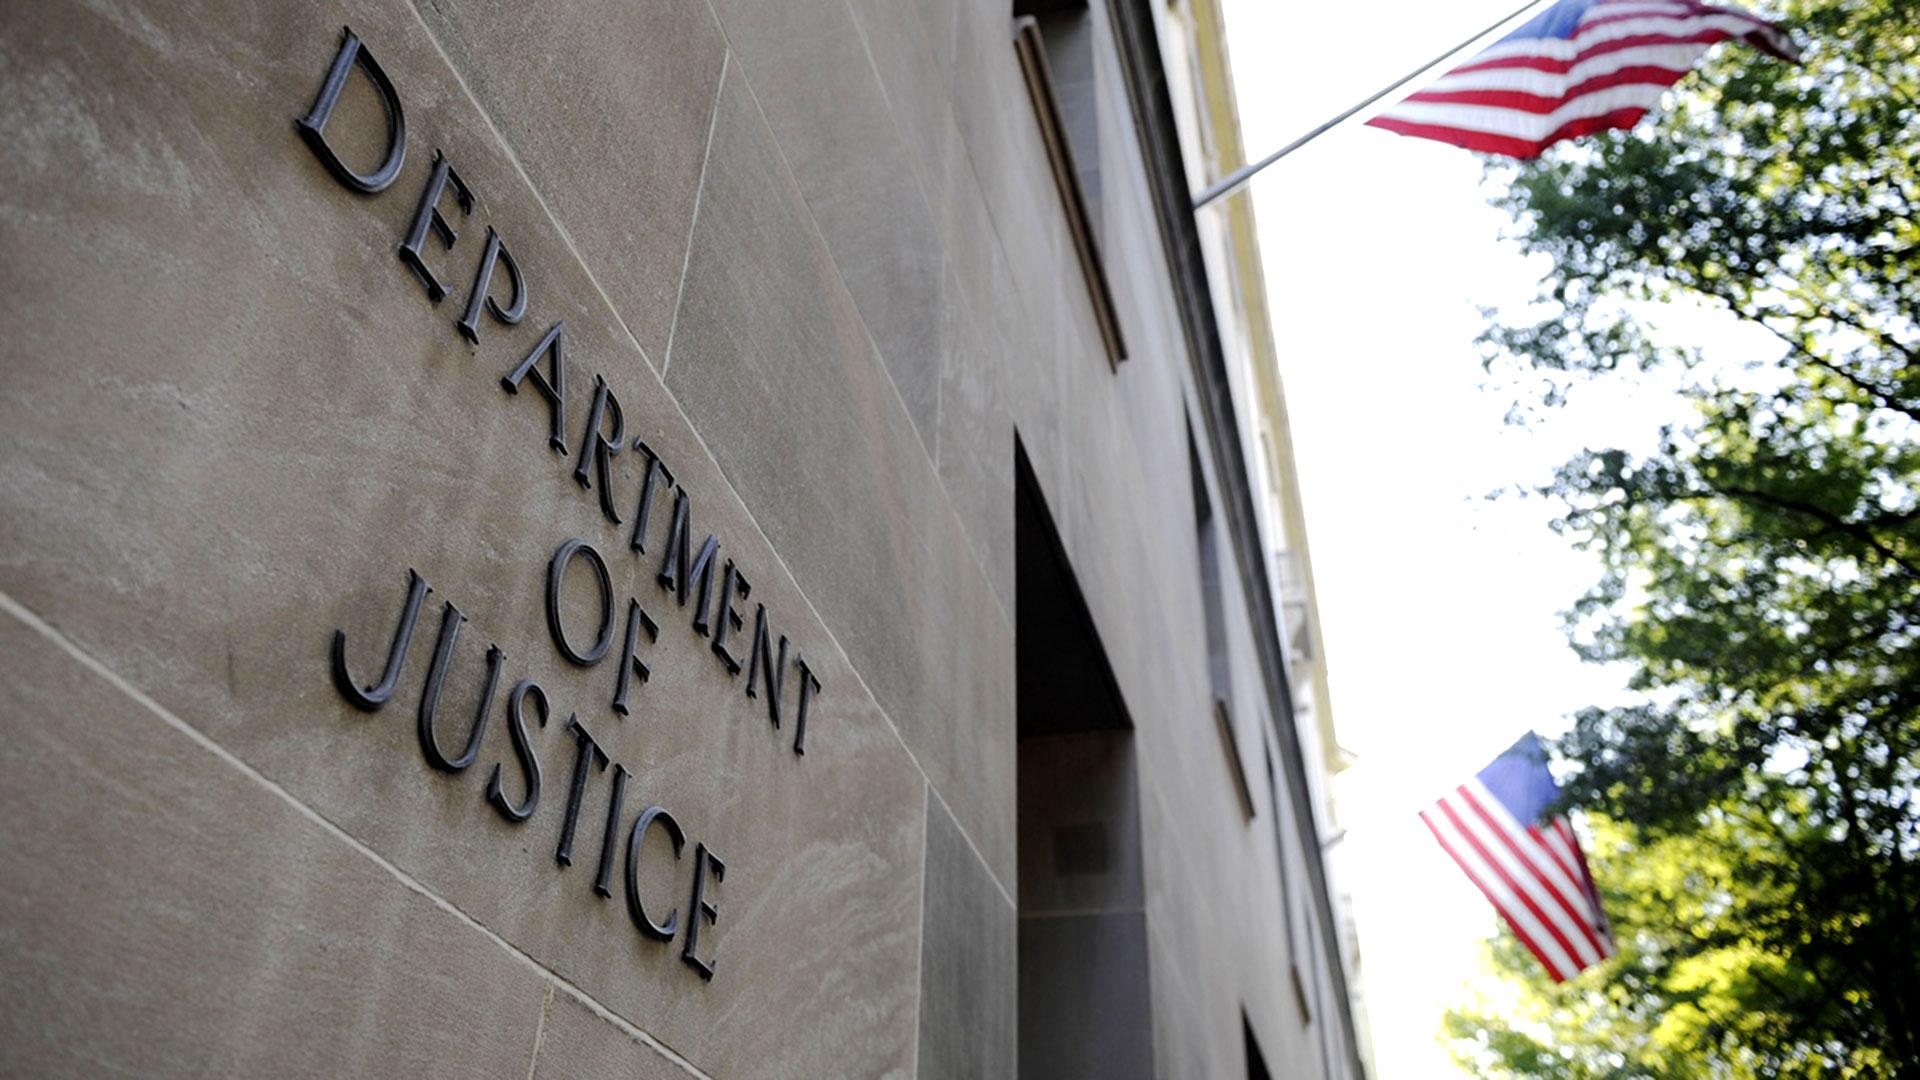 Bloomberg informó que el Departamento de Justicia de EEUU pidió documentos a Apple